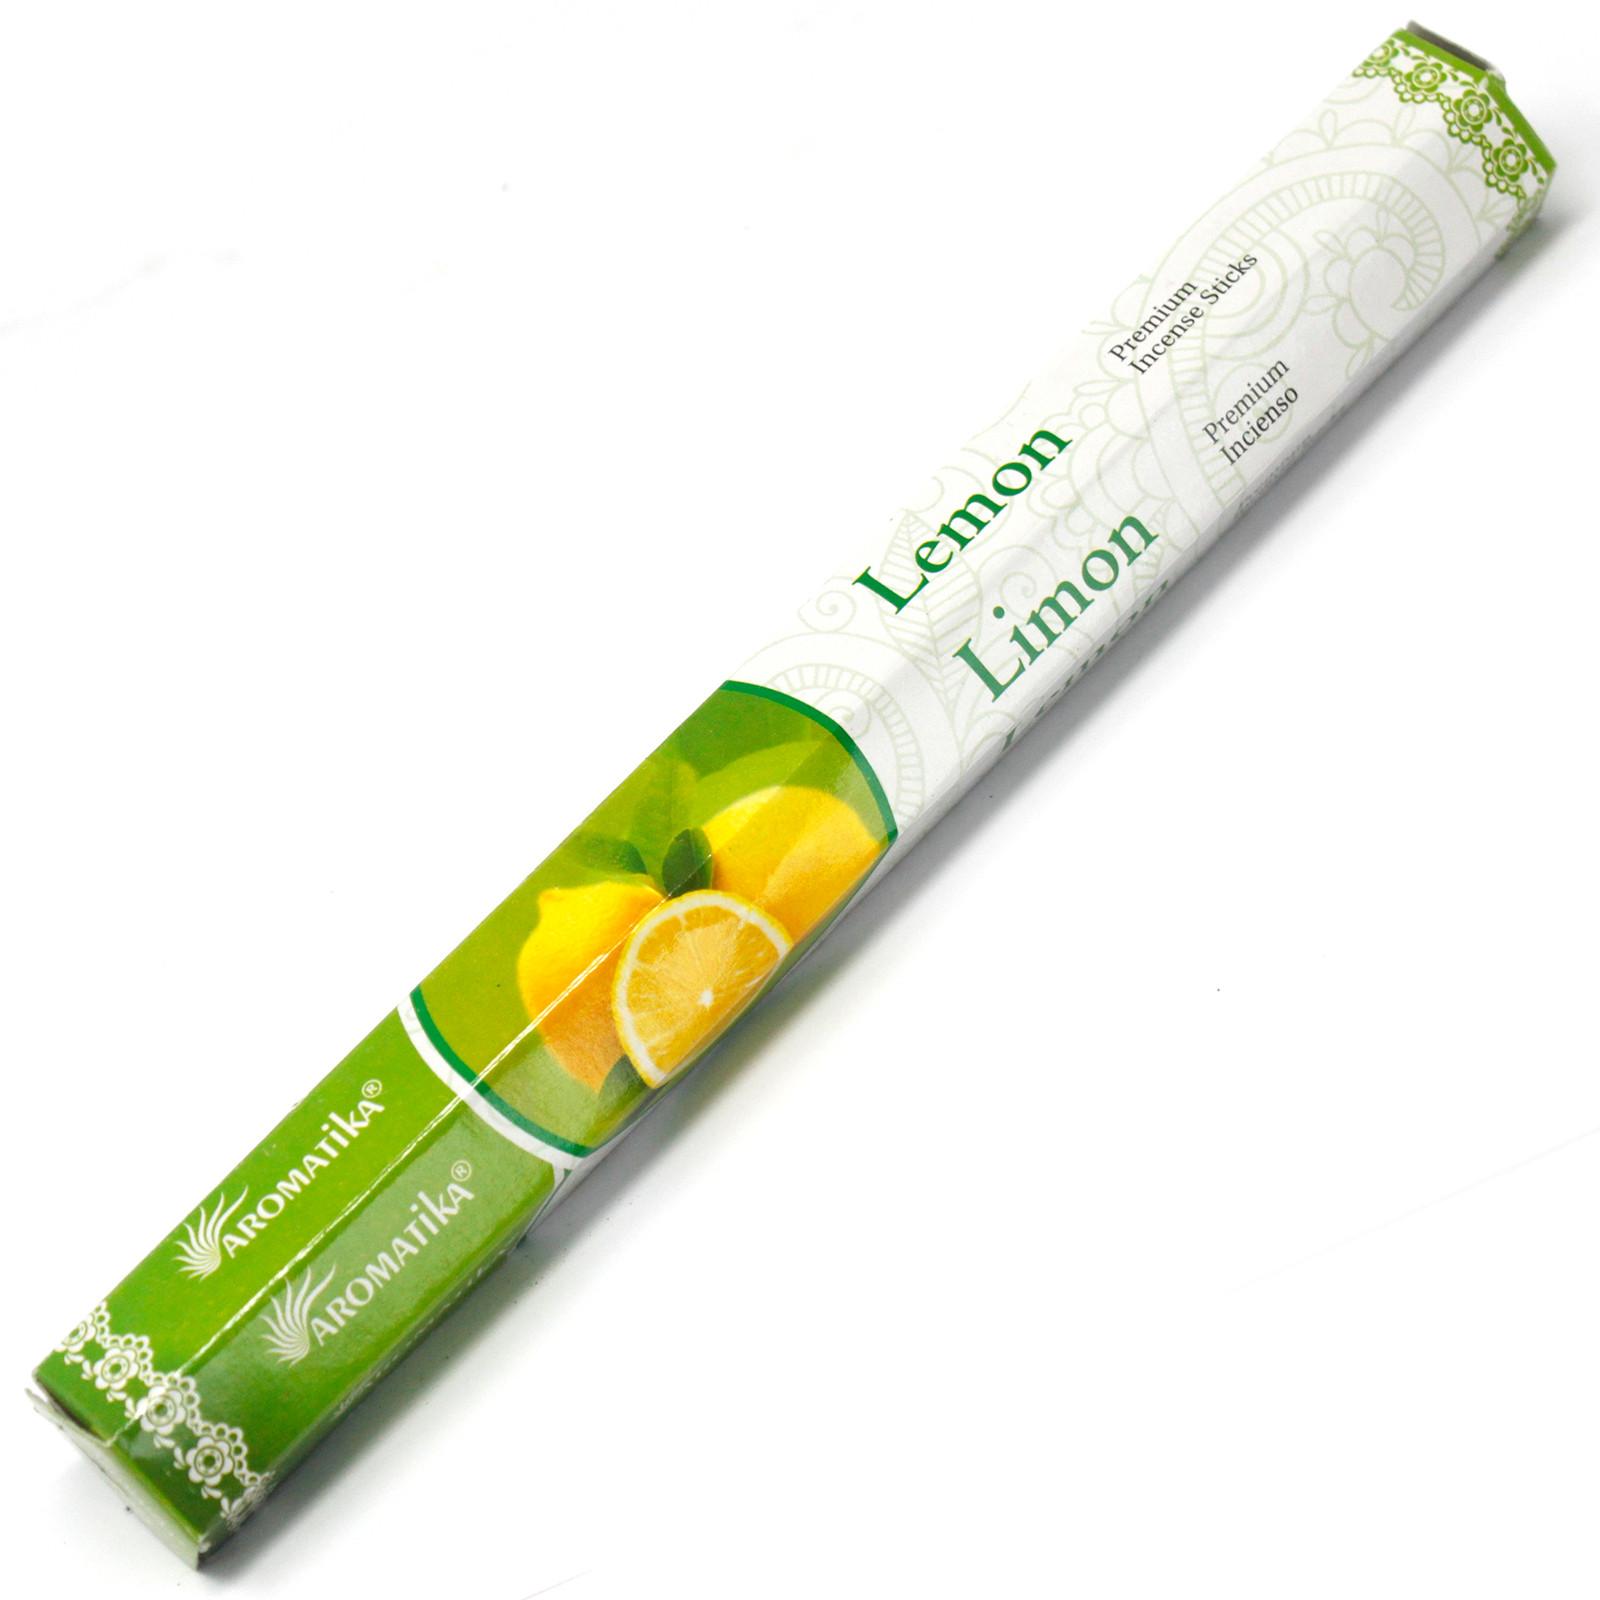 Aromatica Premium Incense Lemon